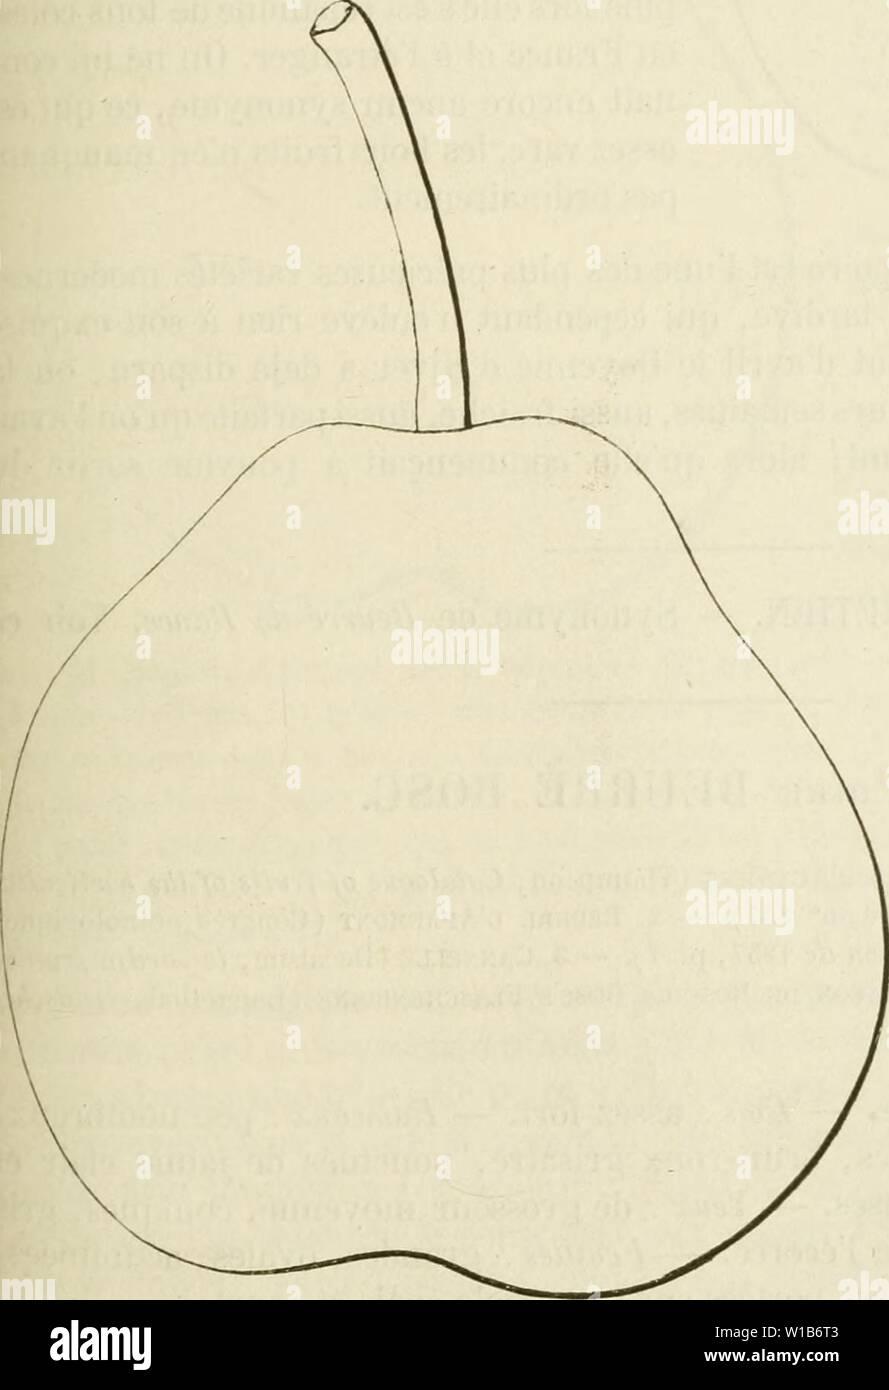 Image d'archive à partir de la page 328 du Dictionnaire de mairie (Kiel), contenant l'histoire,. Dictionnaire de mairie (Kiel), contenant l'histoire, la description, la figure des fruits anciens et des fruits modernes les plus gÂnÂralement dictionnairedepo cultivÂs et connus .01lero Année: 1867 BEU [beurrà bol] 319 Description du fruit. - Grosseur: moyenne. - Forme: turbinÃe, obtus, ventrue. - PÃdoncule: cour, assez gros, arquà charnu, à la base, in part continu avec le fruit, implantà obliquement. Åil: grands, bien ouvert, TRÀ¨s-dÃveloppÃ, presque saillant. Peau: jaune verdà ponctuÃe striÃe tre,,, ma Photo Stock